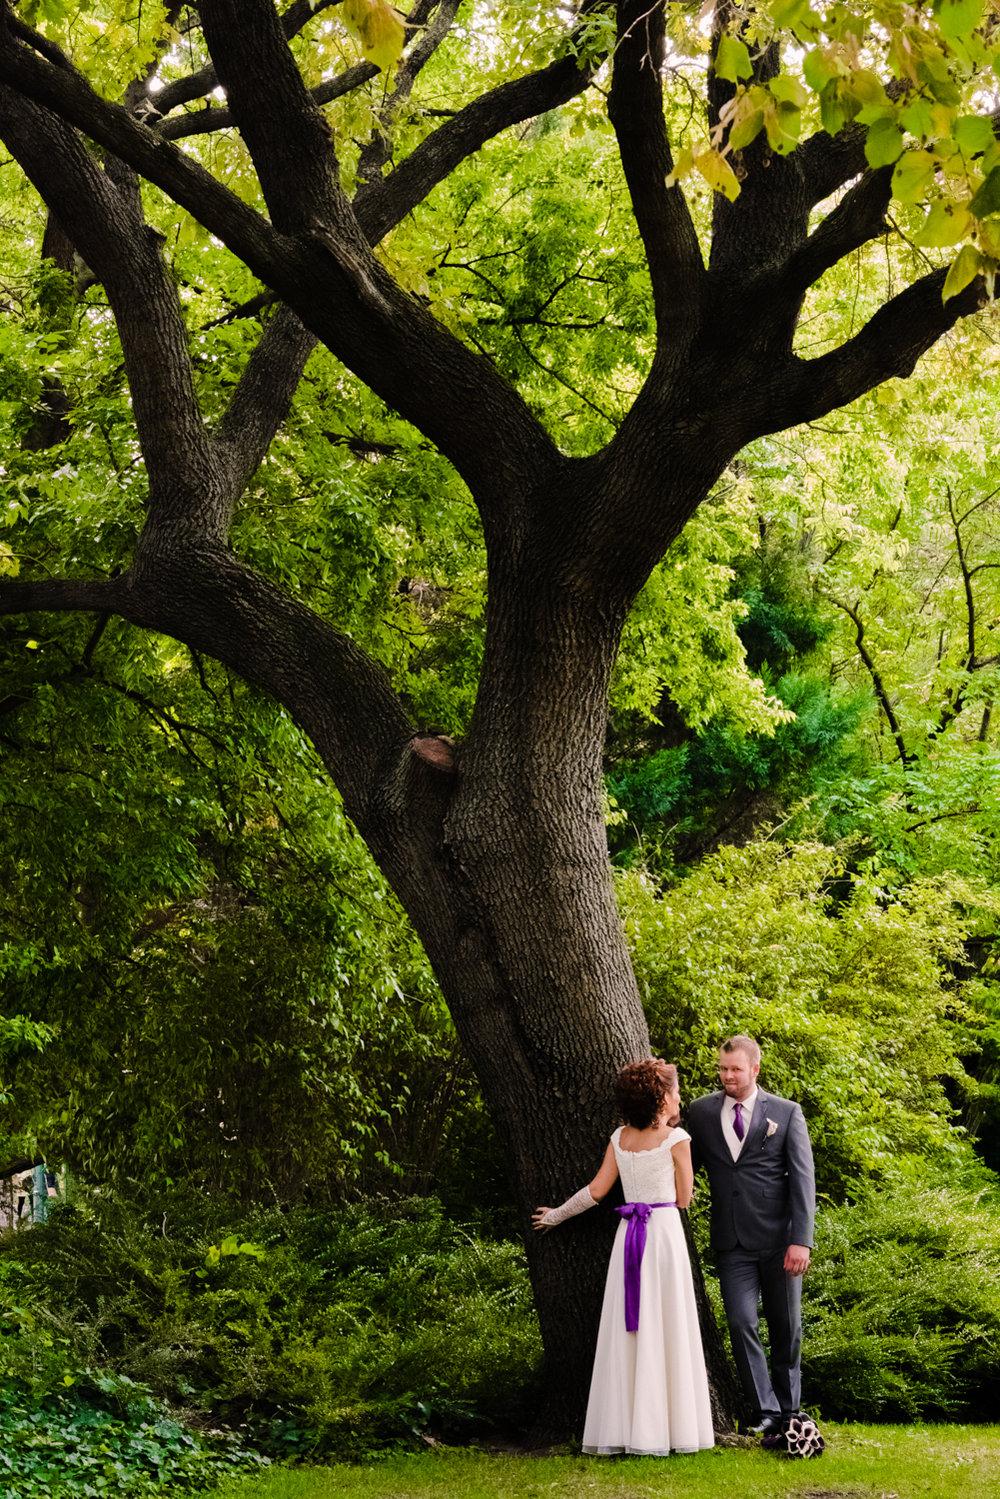 rendezvenyfotos_wedding-11.jpg